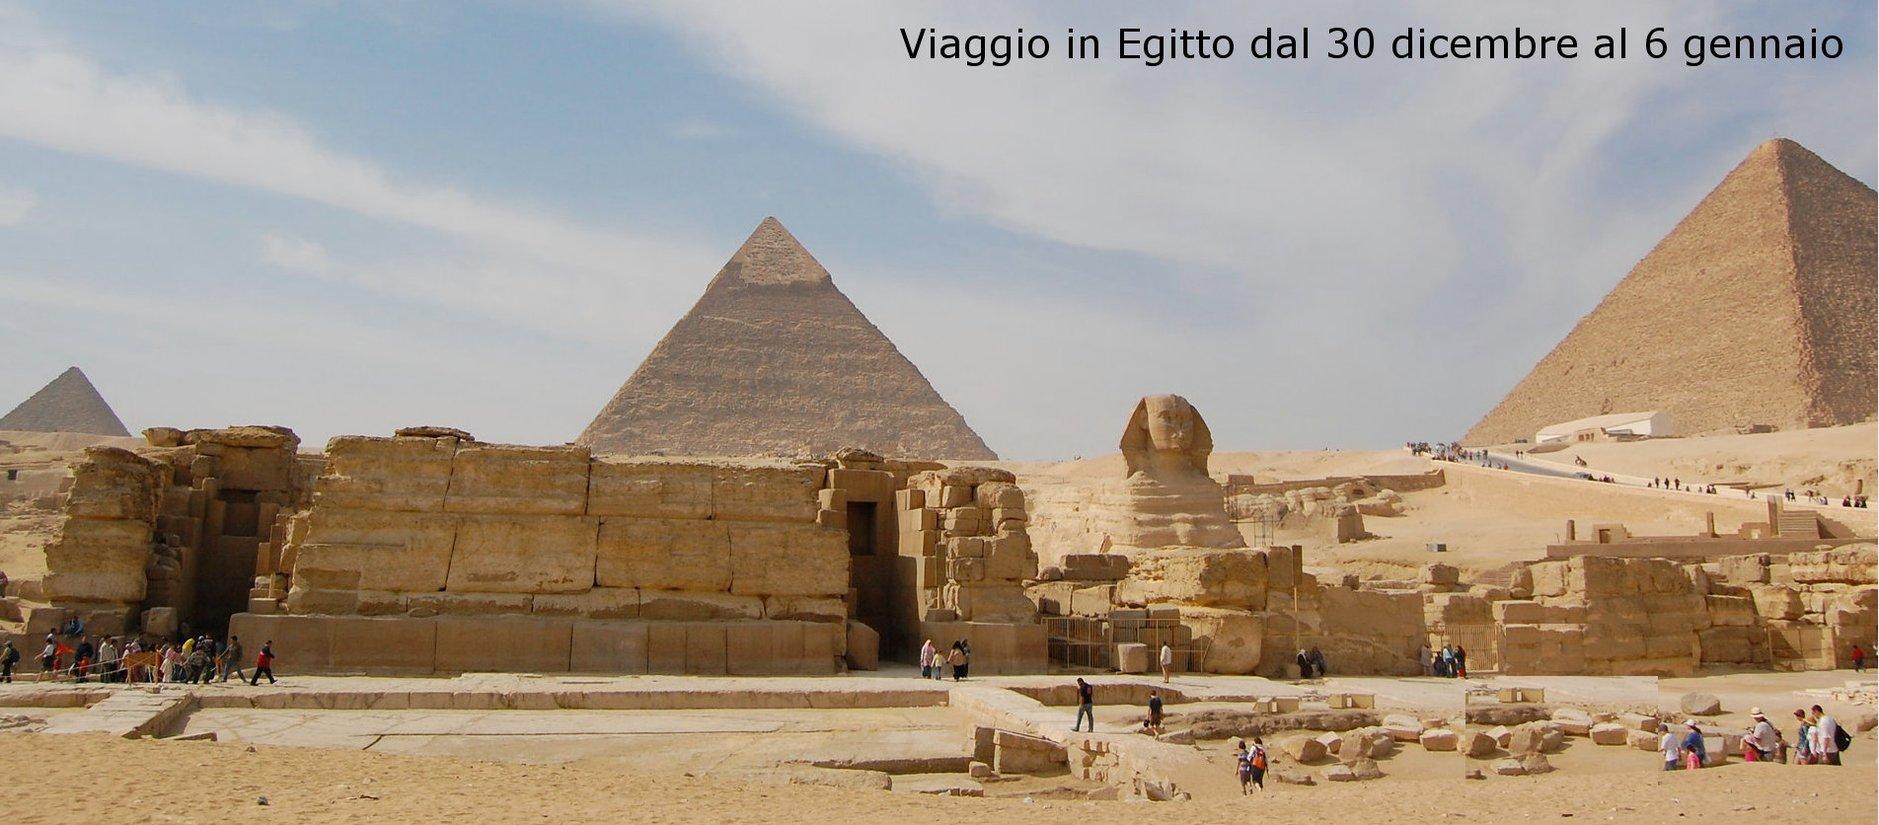 Egitto incontri Egitto Single Egitto chat